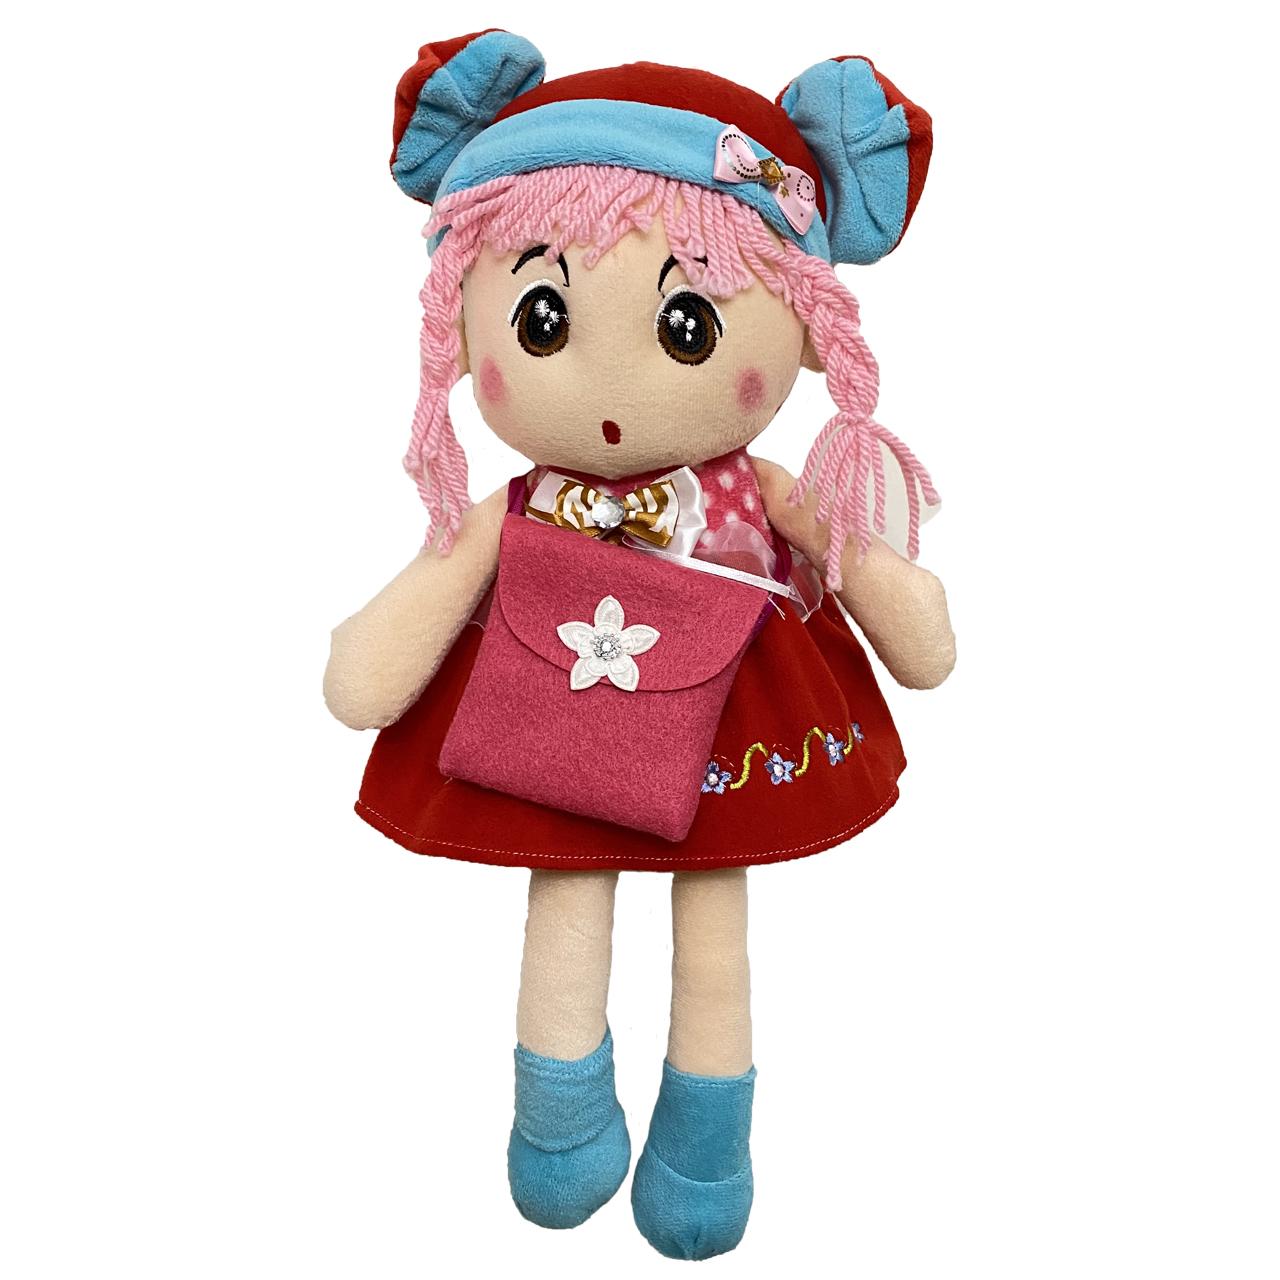 تخفیف خرید عروسک طرح دختر کیف دار موکاموایی ارتفاع 40 سانتی متر